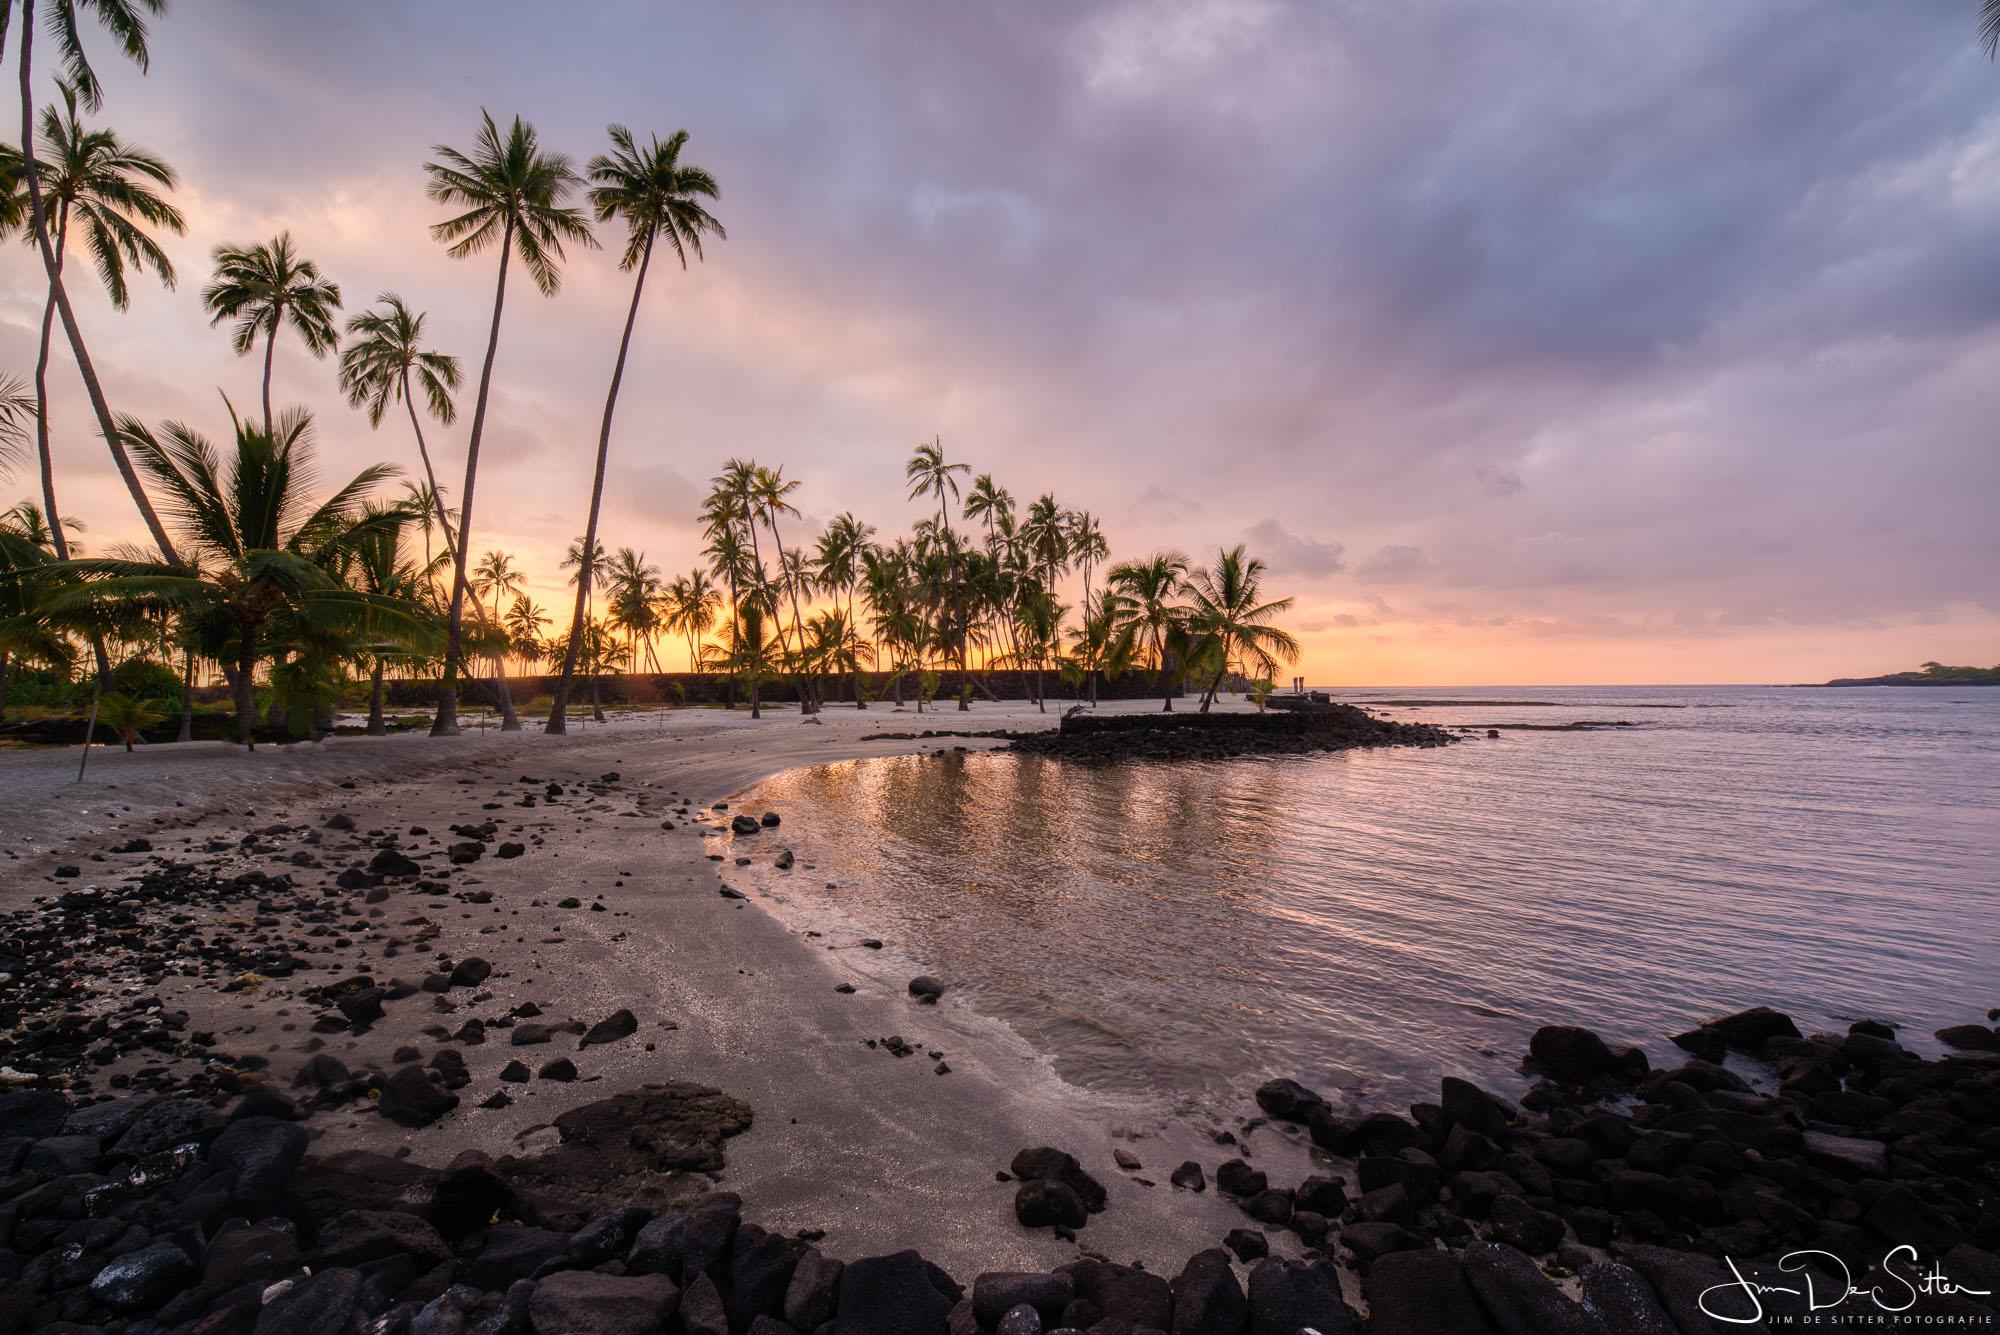 Landschapsfoto : Een tropisch strand in Hawaii bij zonsondergang